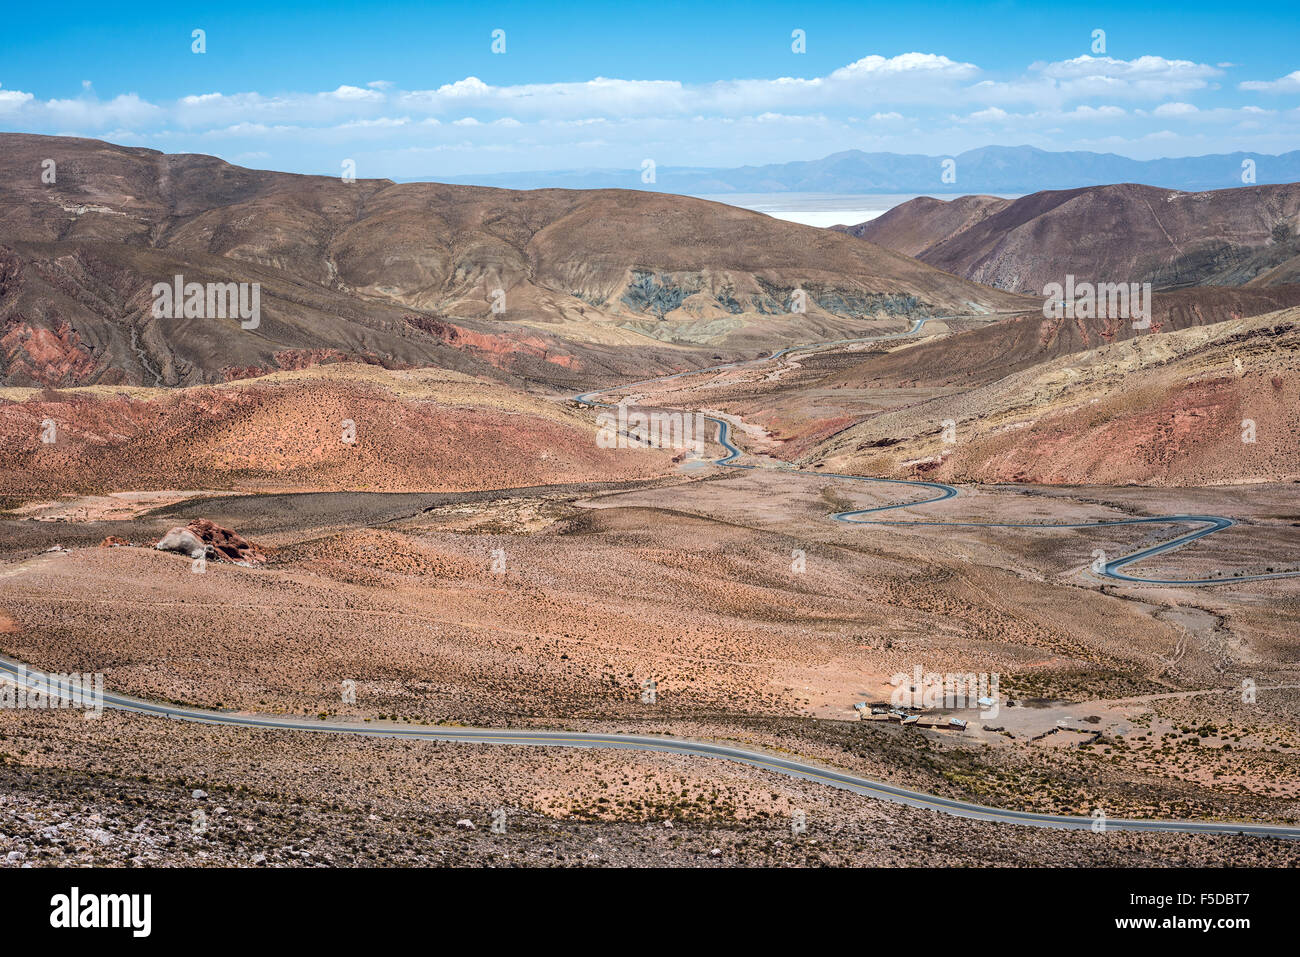 Le nord-ouest de l'Argentine - Salinas Grandes désert Paysage Photo Stock